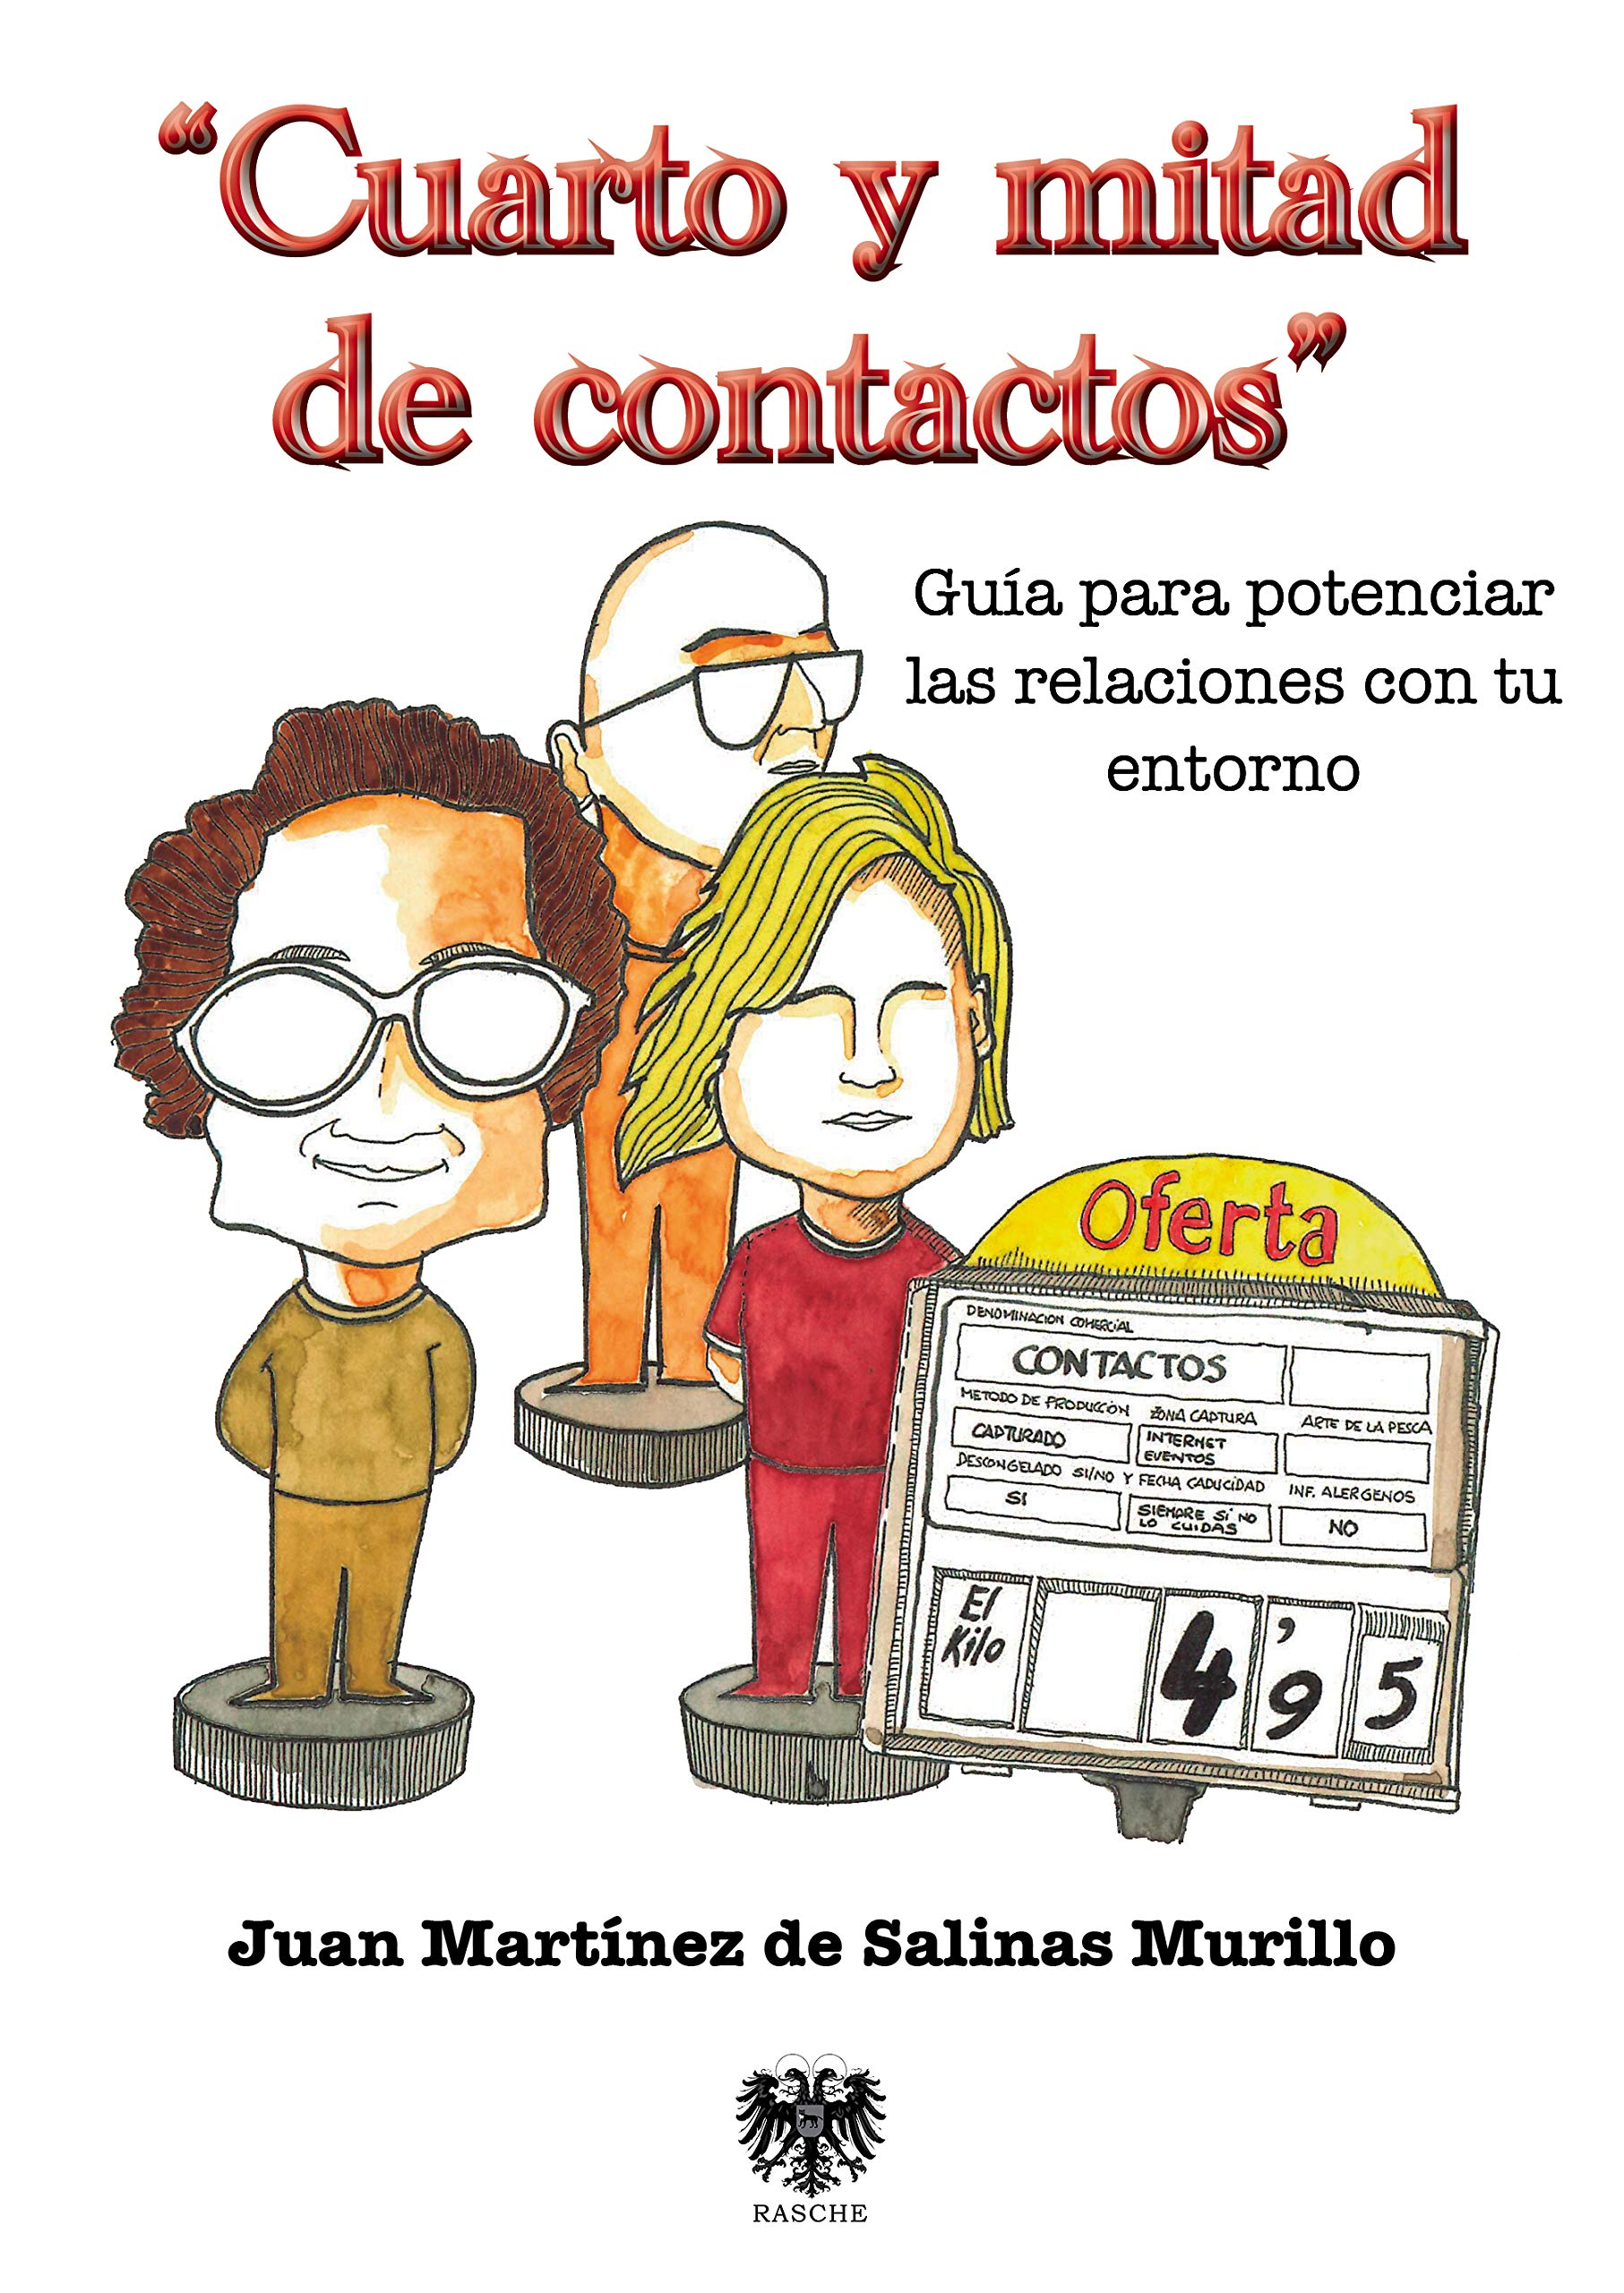 Cuarto Y Mitad De Contactos: Amazon.es: Juan Martínez De Salinas, Juan Martínez De Salinas: Libros